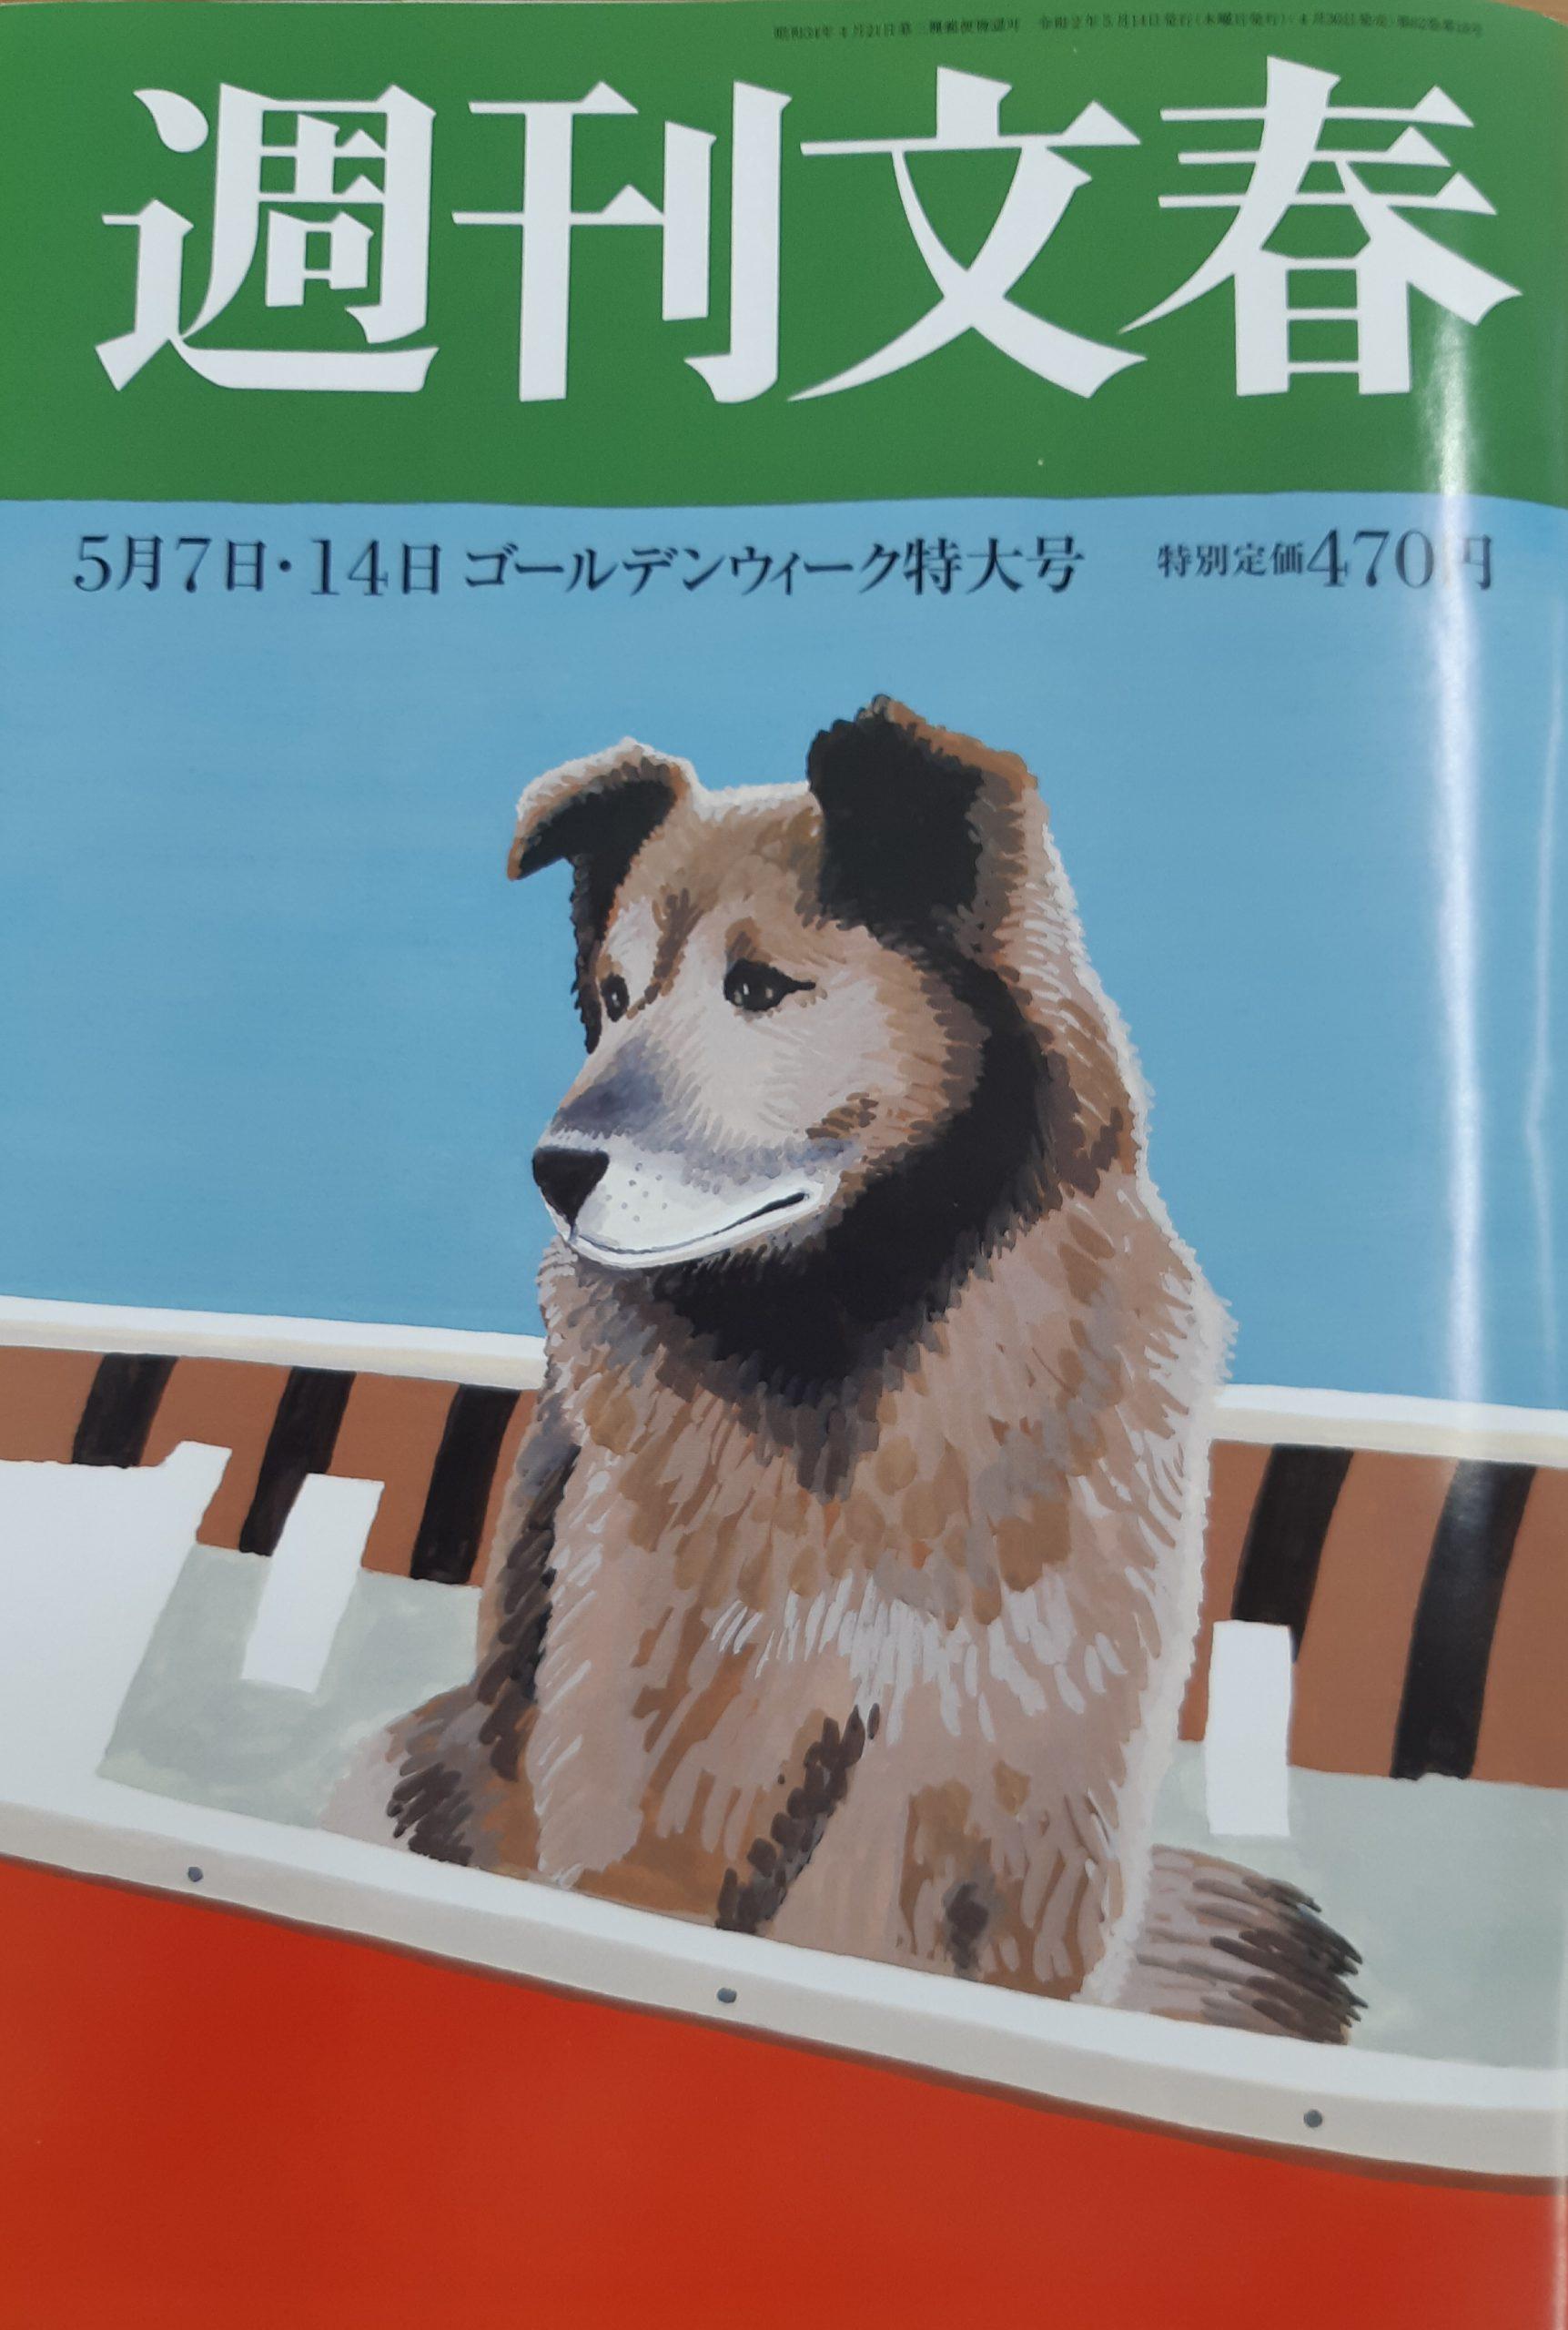 週刊文春 5月7日・14日 ゴールデンウィーク特大号(4月30日発売)第62巻第18号